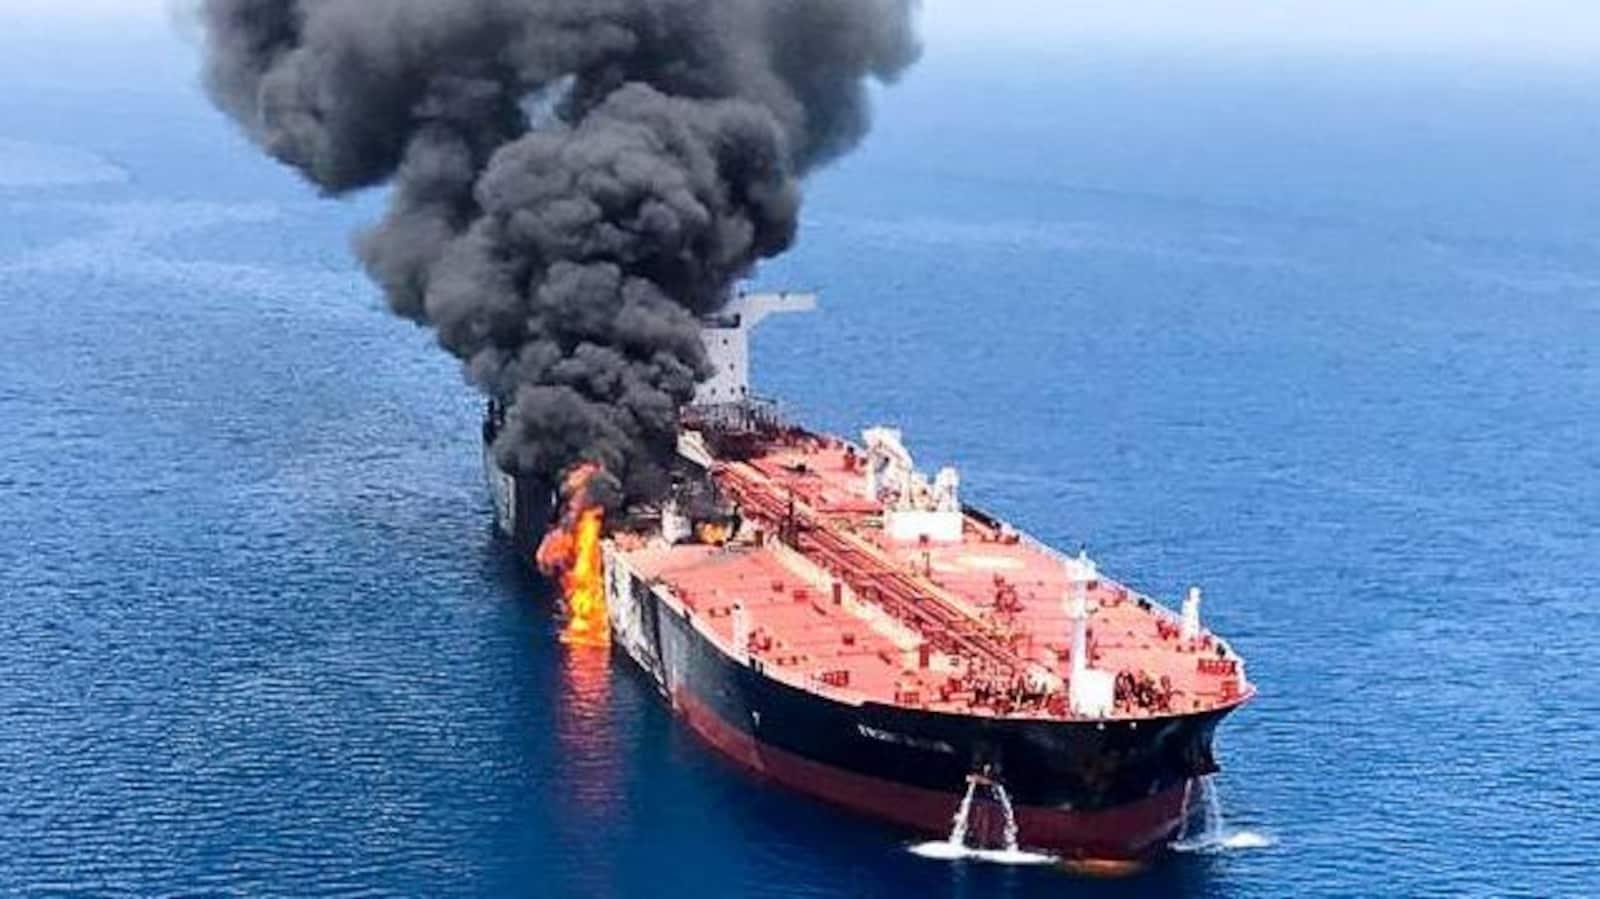 Londres accuse l'Iran d'avoir tenté de saisir un pétrolier britannique, Téhéran dément